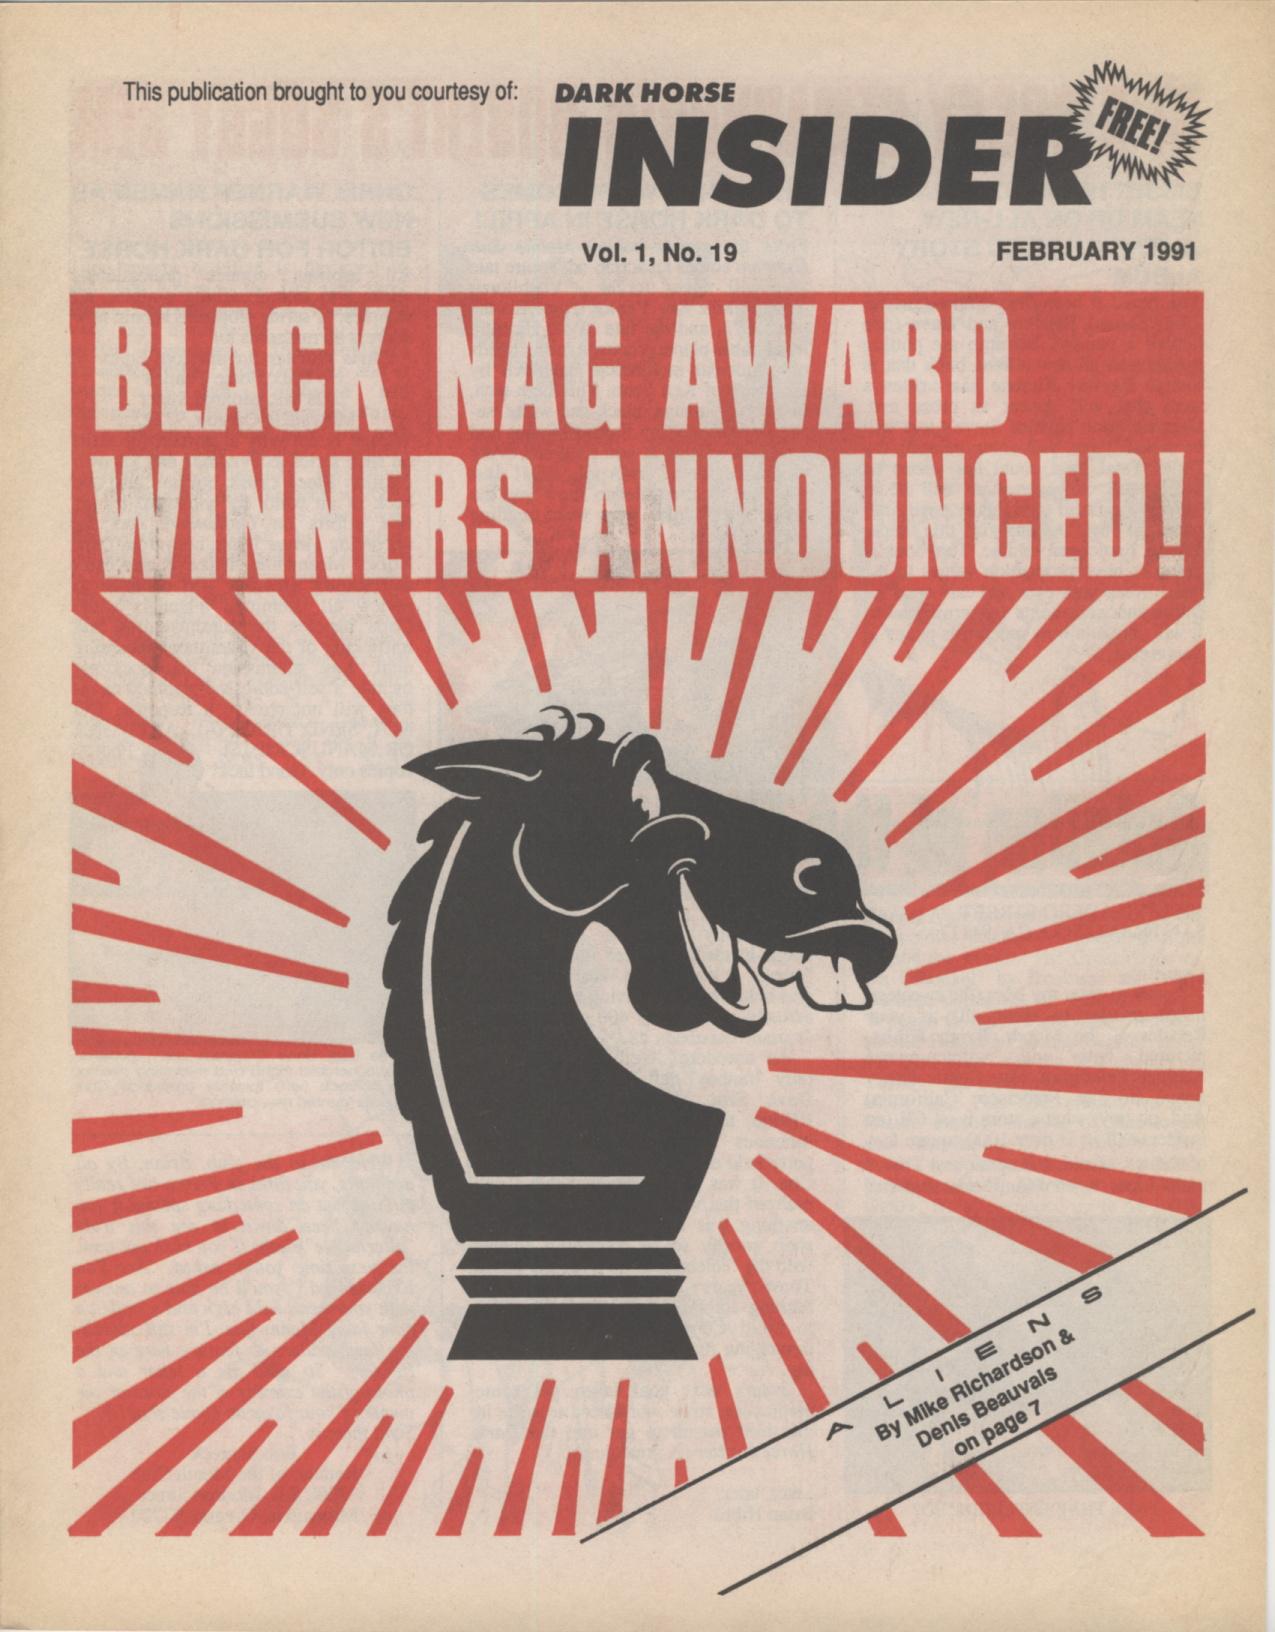 Time Capsule: Dark Horse Insider February 1991